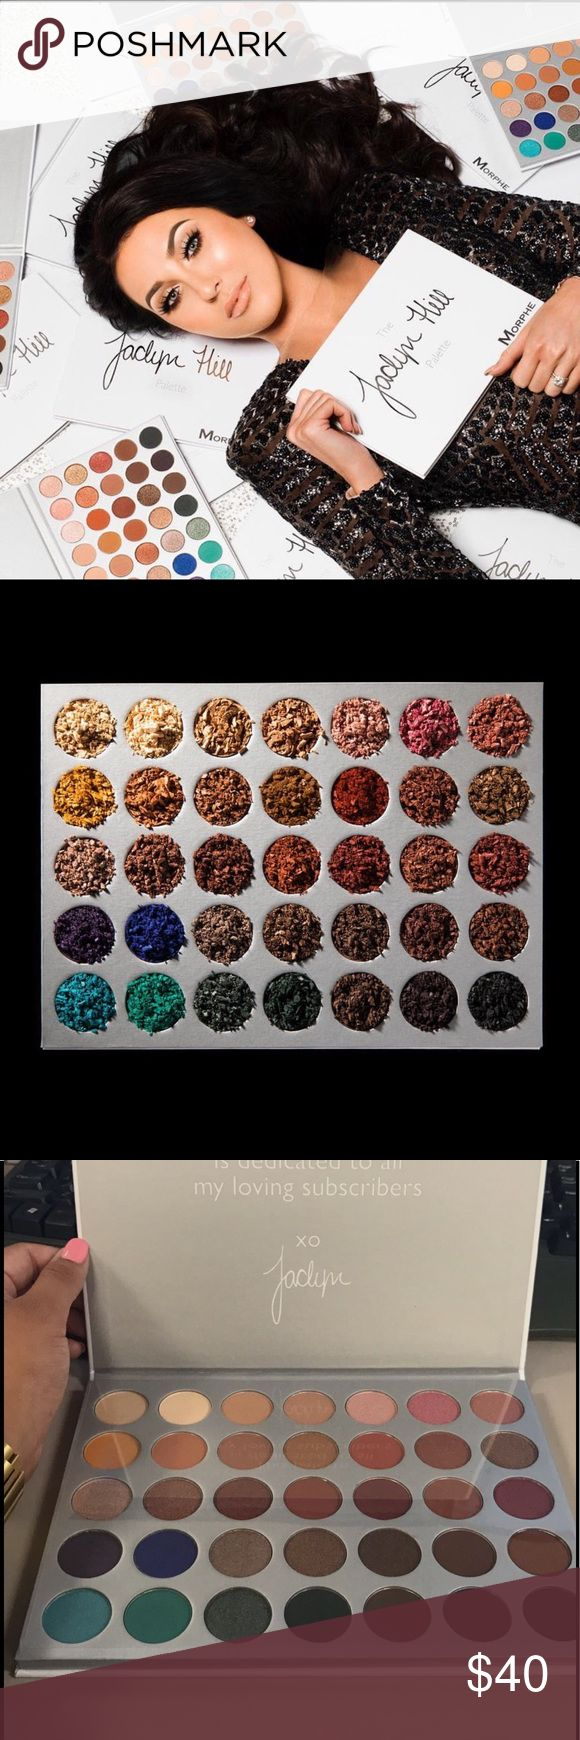 Jaclyn Hill Morphe Palette ✨Authentic Jaclyn Hill Morphe Palette. Launching 6-21-17✨ morphe Makeup Eyeshadow